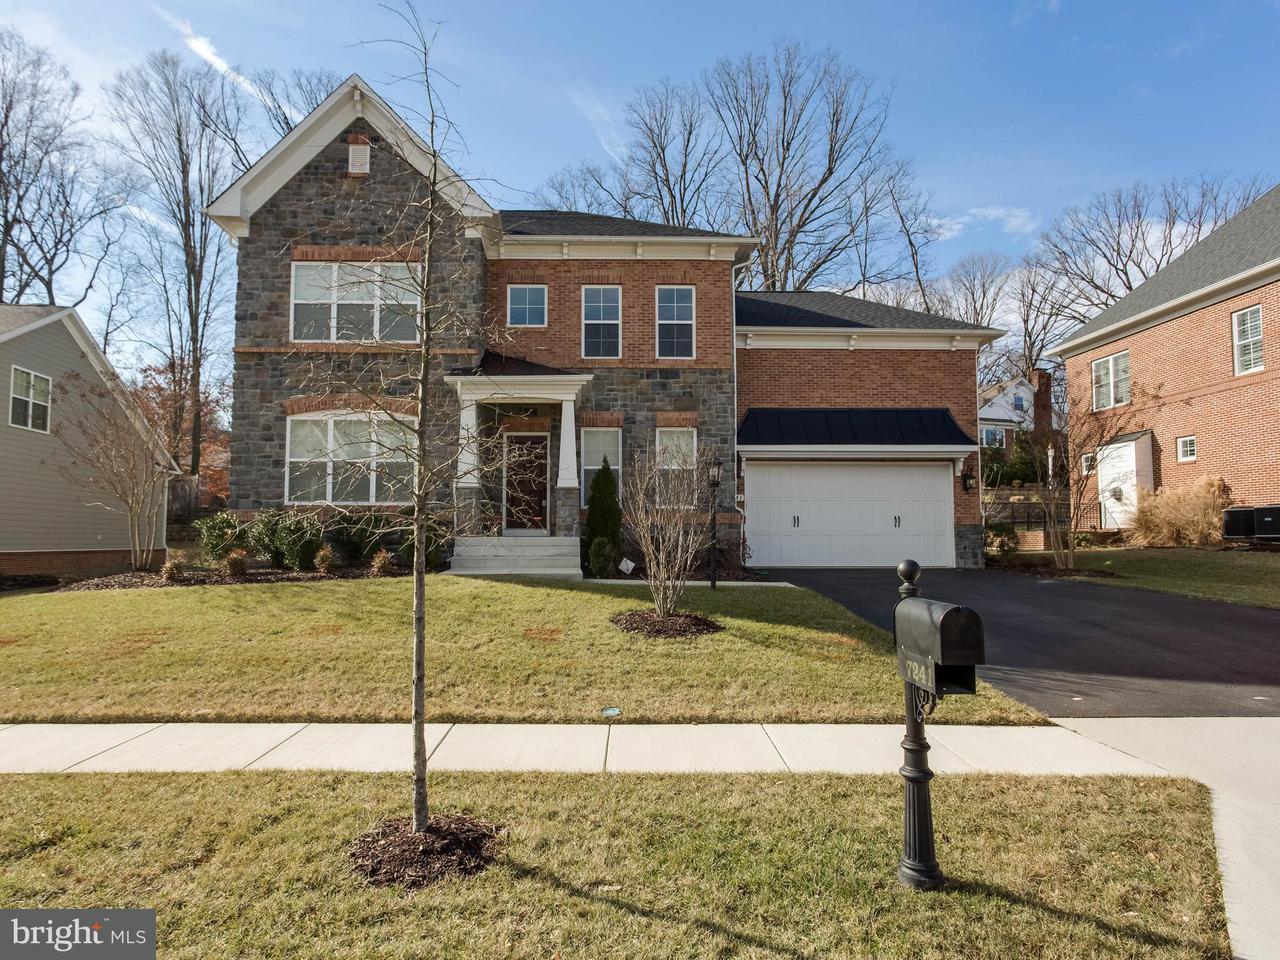 独户住宅 为 销售 在 7241 Windsor Lane 7241 Windsor Lane Hyattsville, 马里兰州 20782 美国